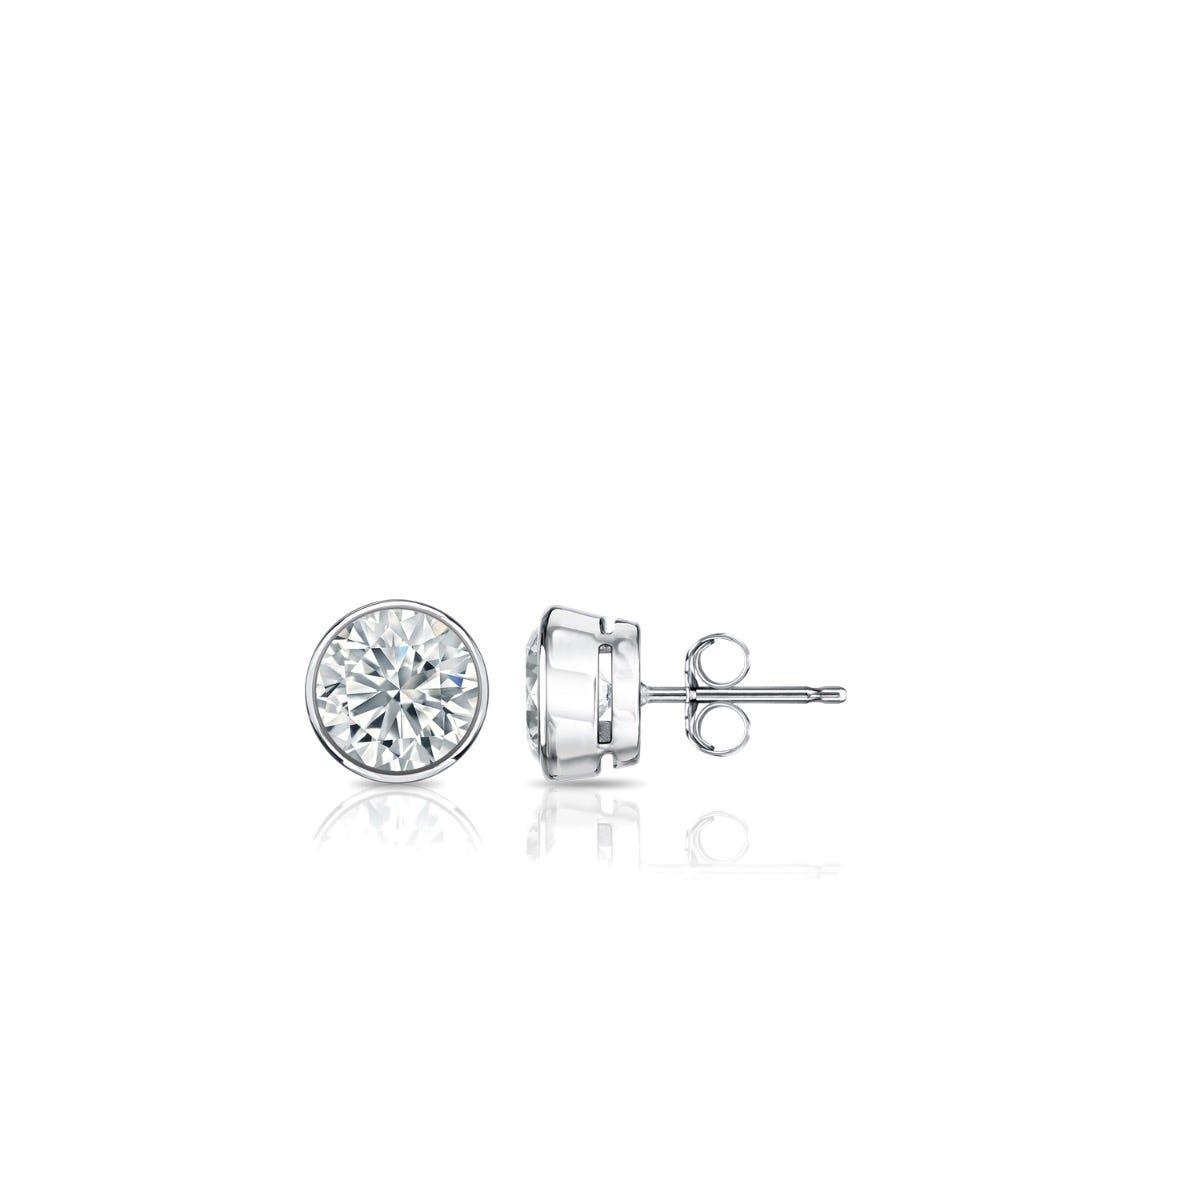 Diamond Round Bezel-Set 1/5ctw. Solitaire Stud (IJ-I1) Earrings in 18K White Gold